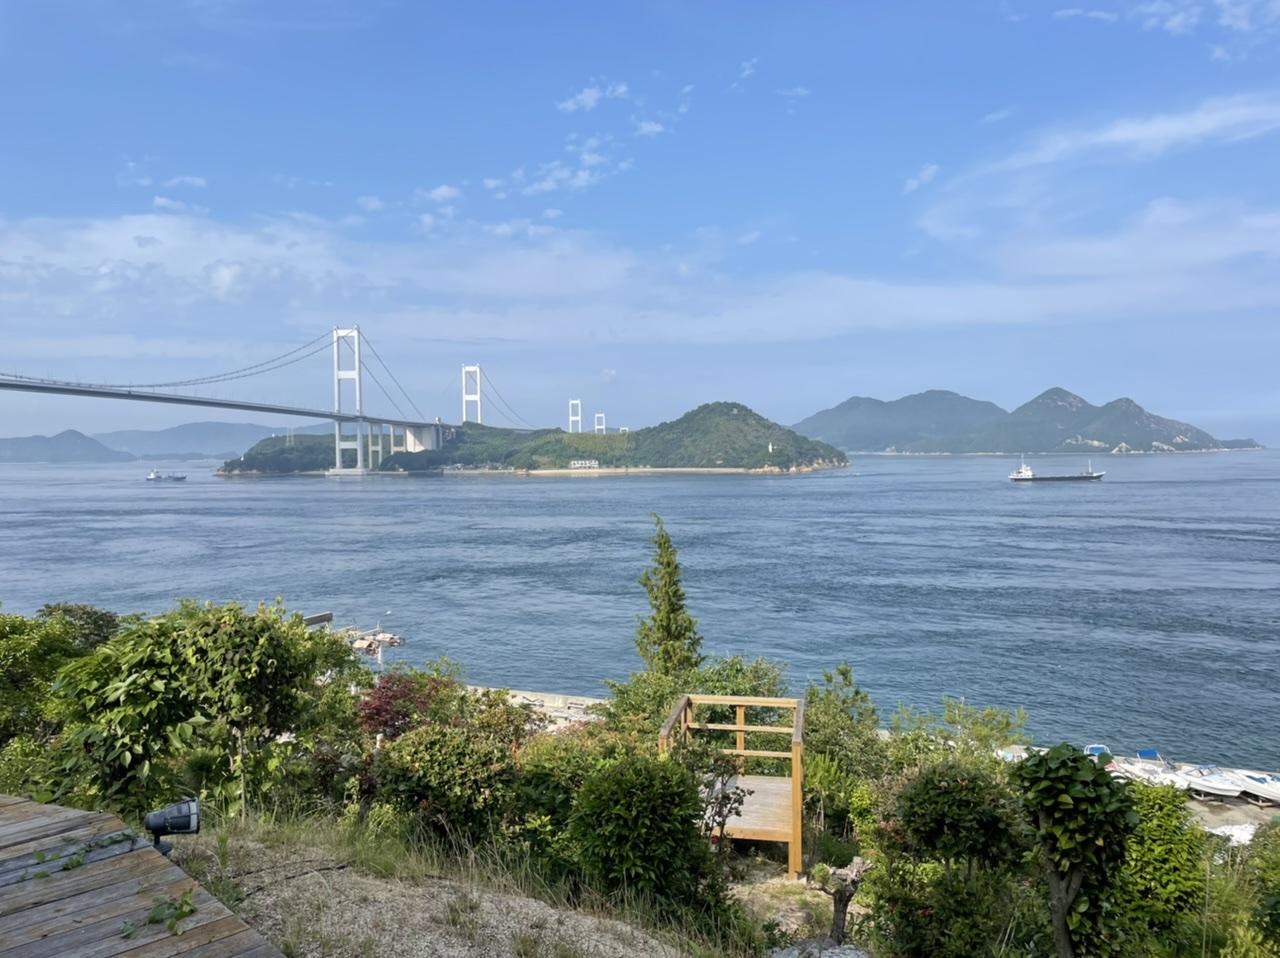 ここは天国…?瀬戸内海を一望できる『海のみえるカフェ』@愛媛_3